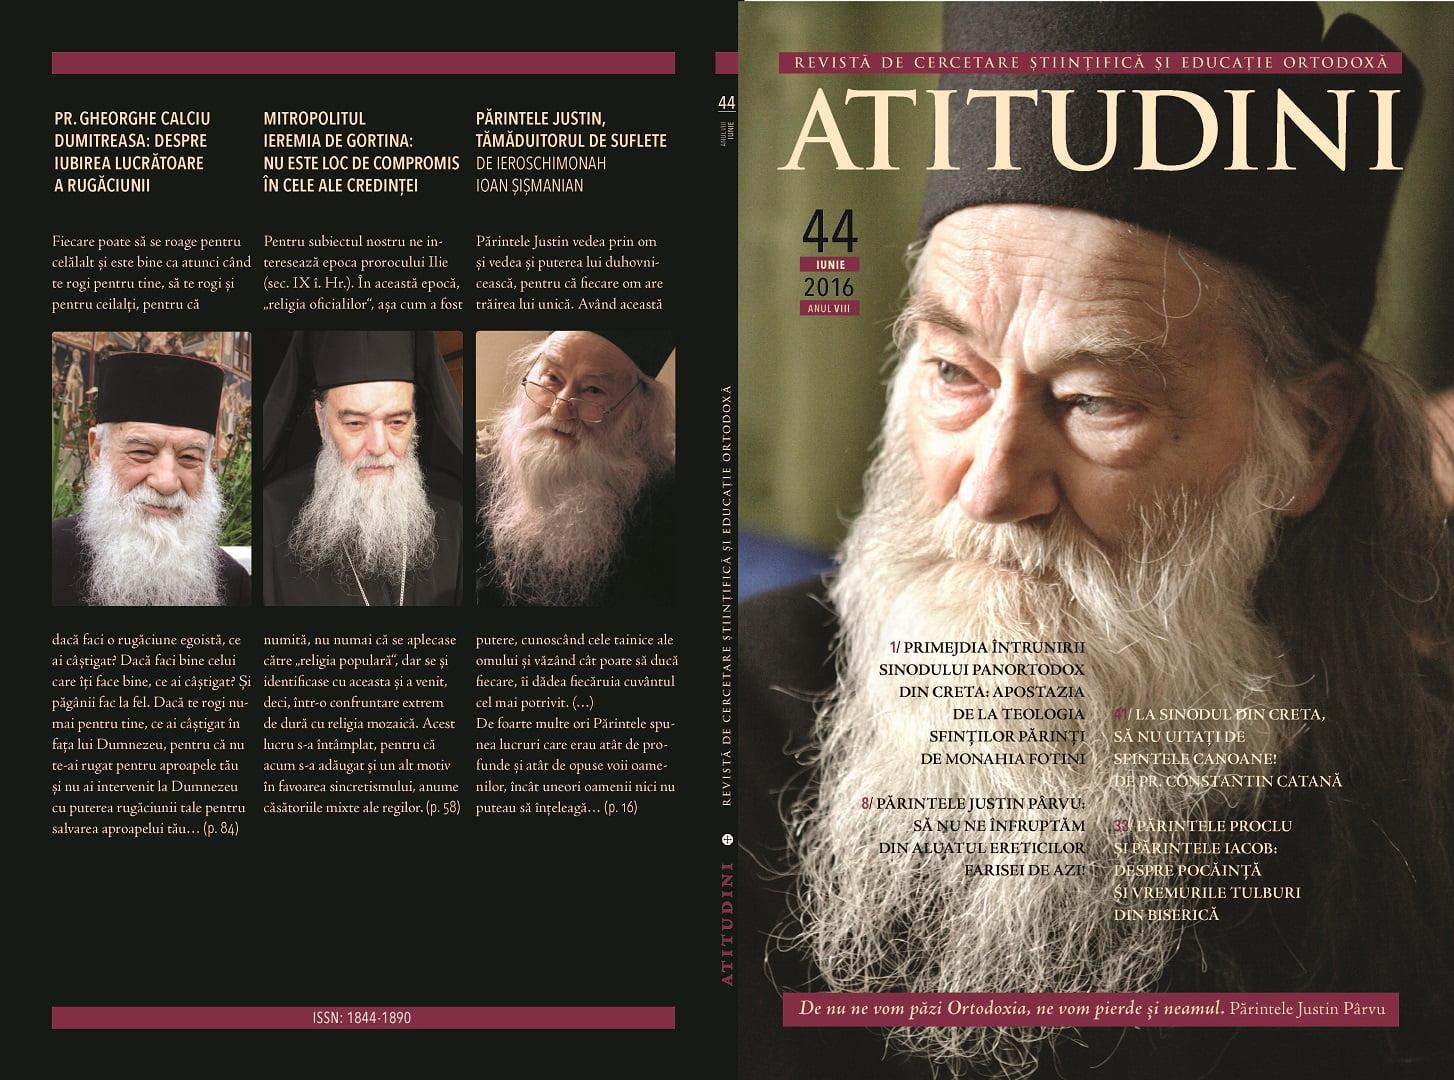 Revista Ortodoxă ATITUDINI numărul 44